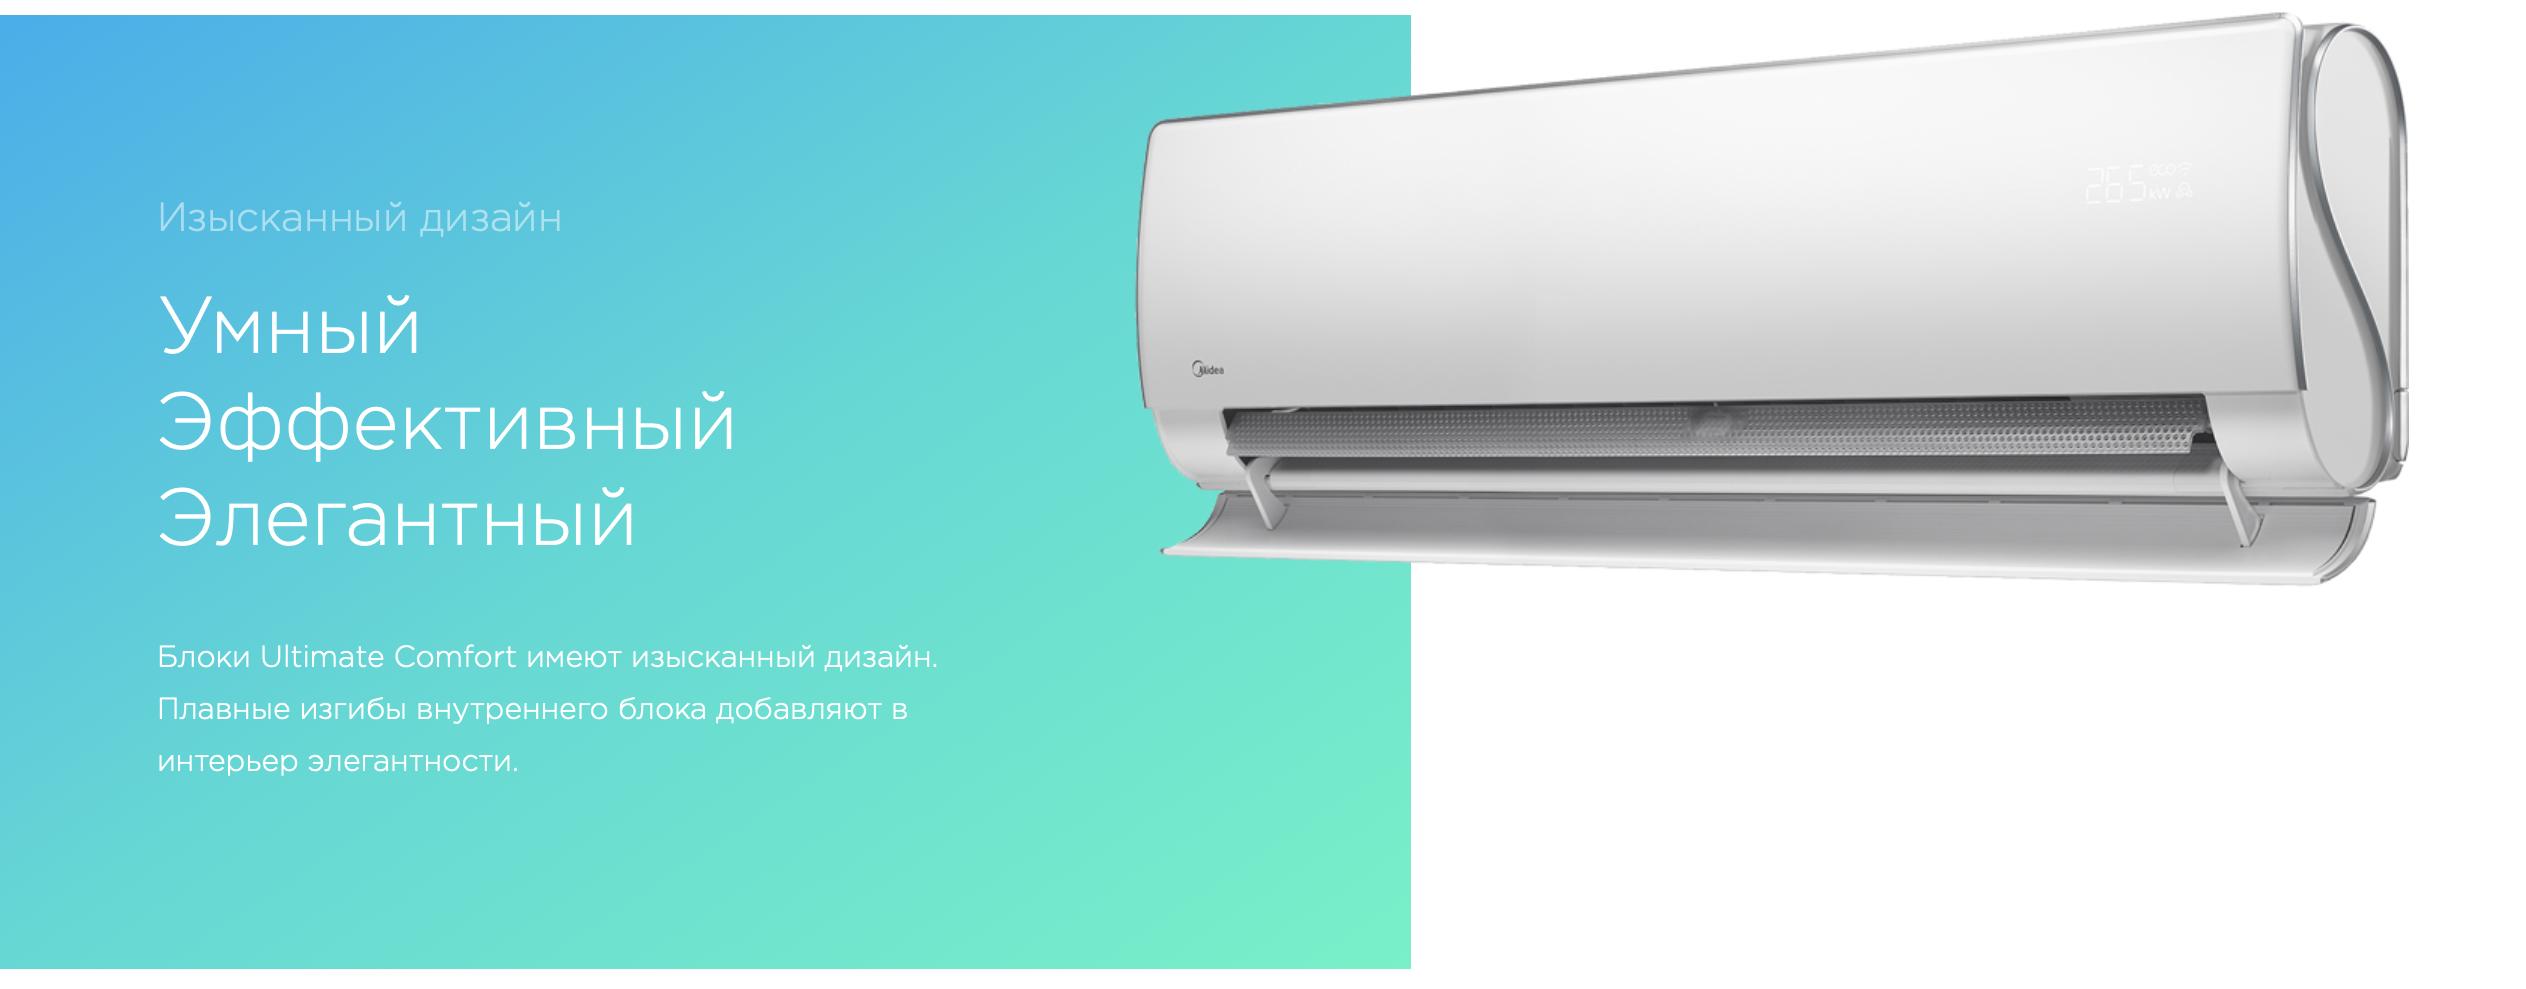 Купить кондиционер Midea Ultimate Comfort Inverter (Мидея Ультимате Комфорт) по лучшей цене, с гарантией